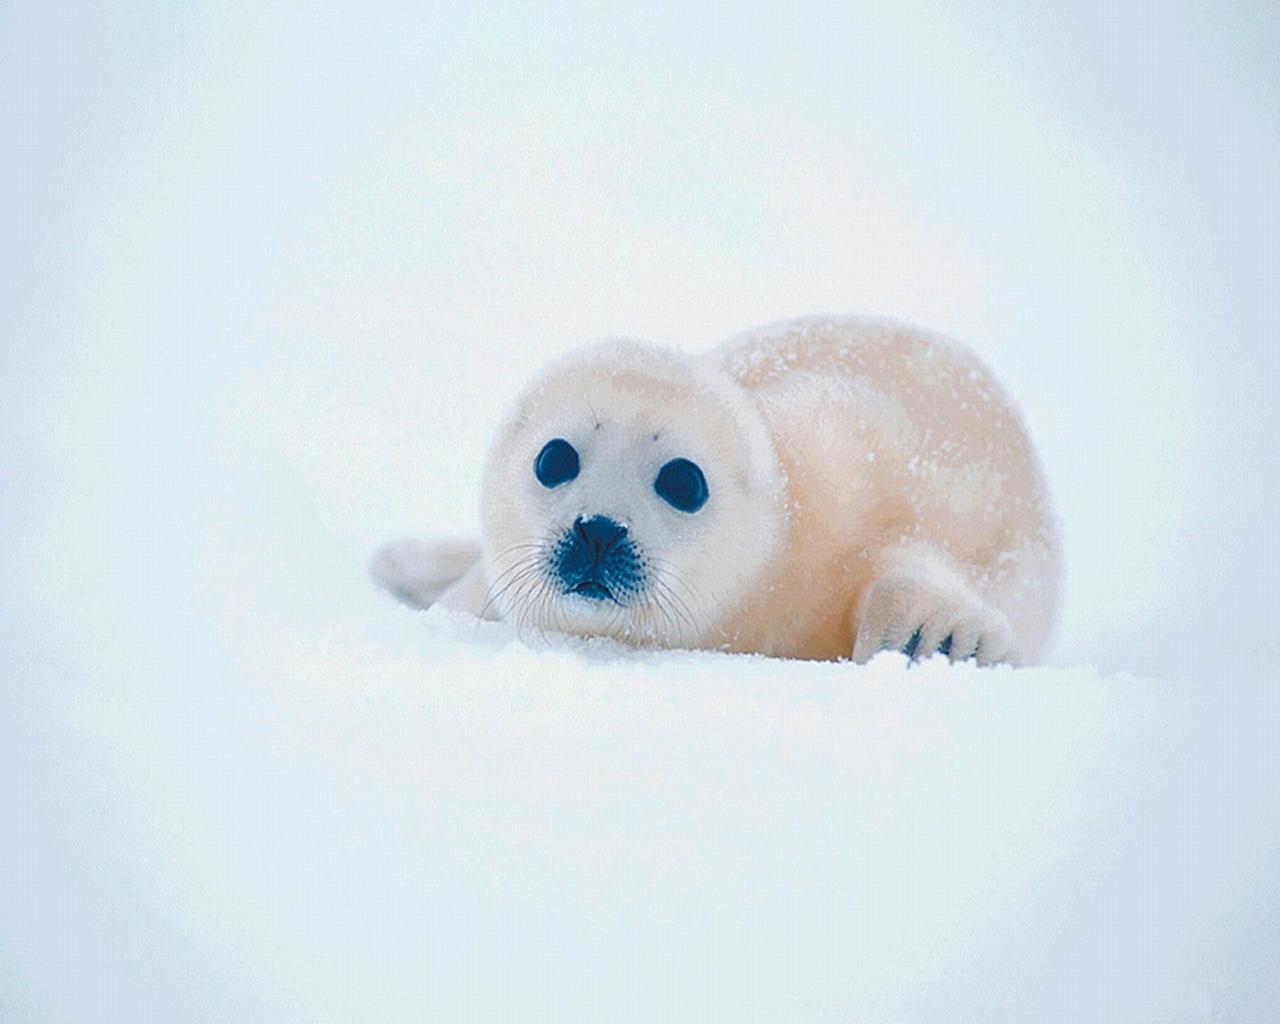 download wallpaper: een zeehond baby wallpaper